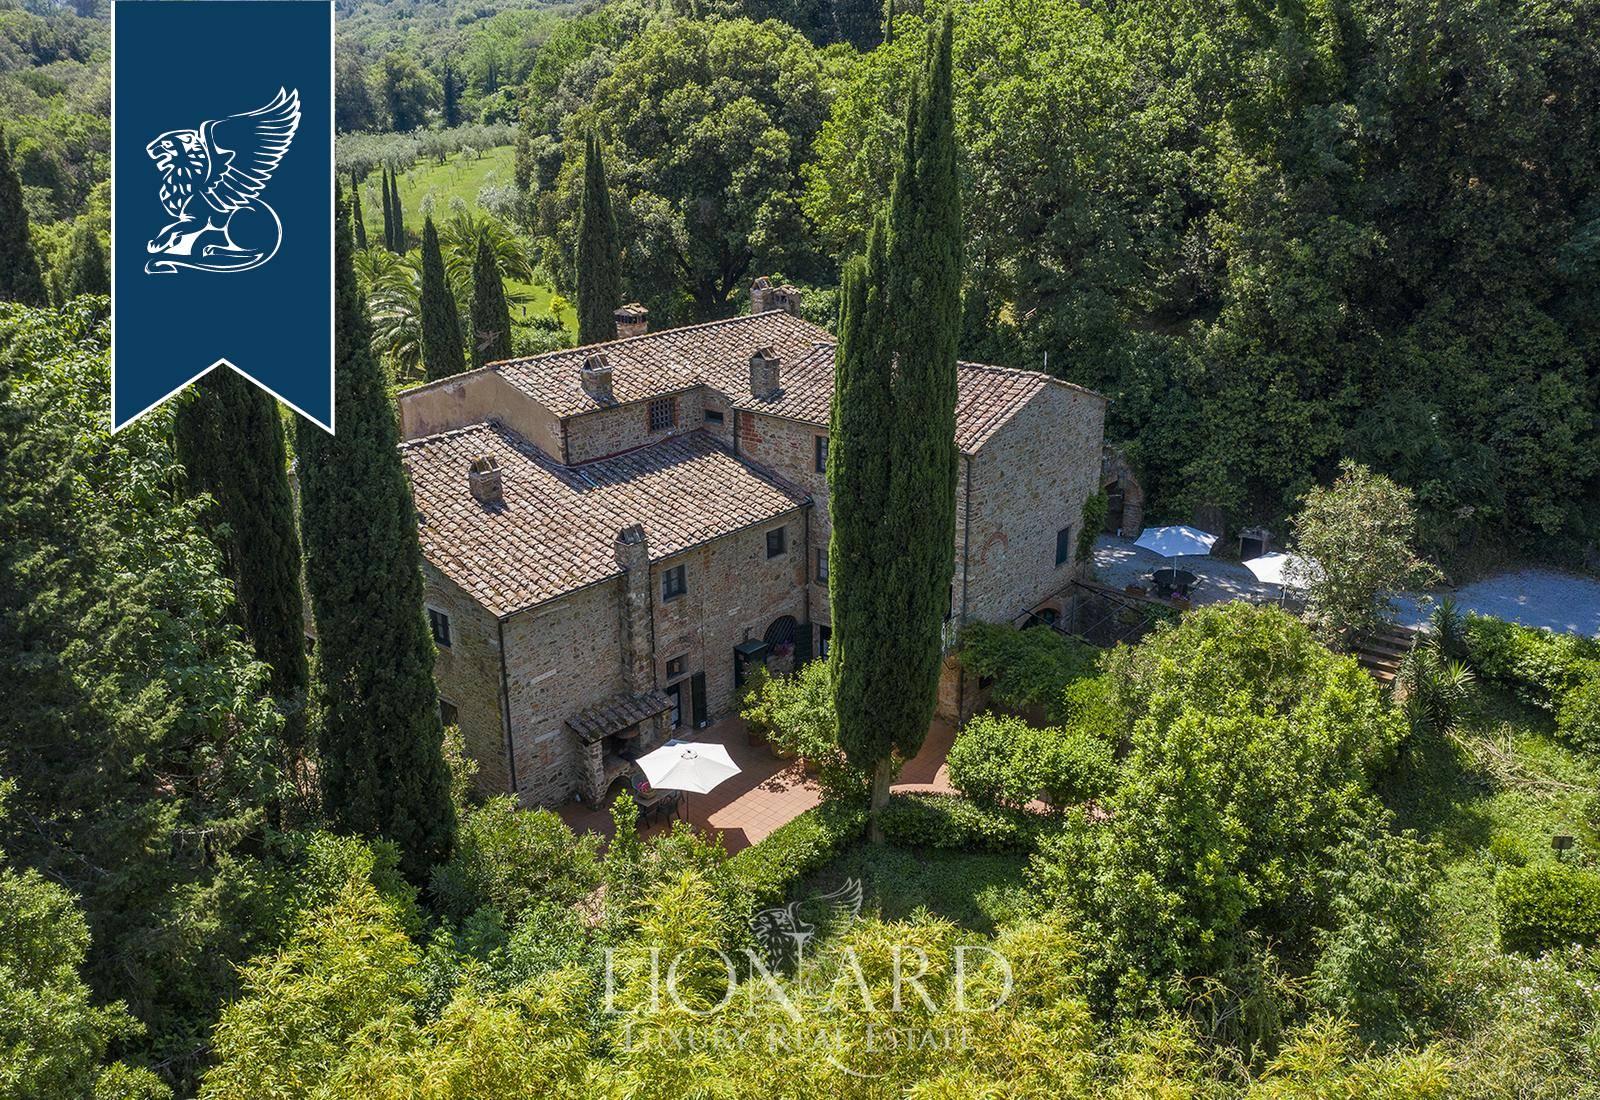 Agriturismo in Vendita a Castagneto Carducci: 0 locali, 700 mq - Foto 5